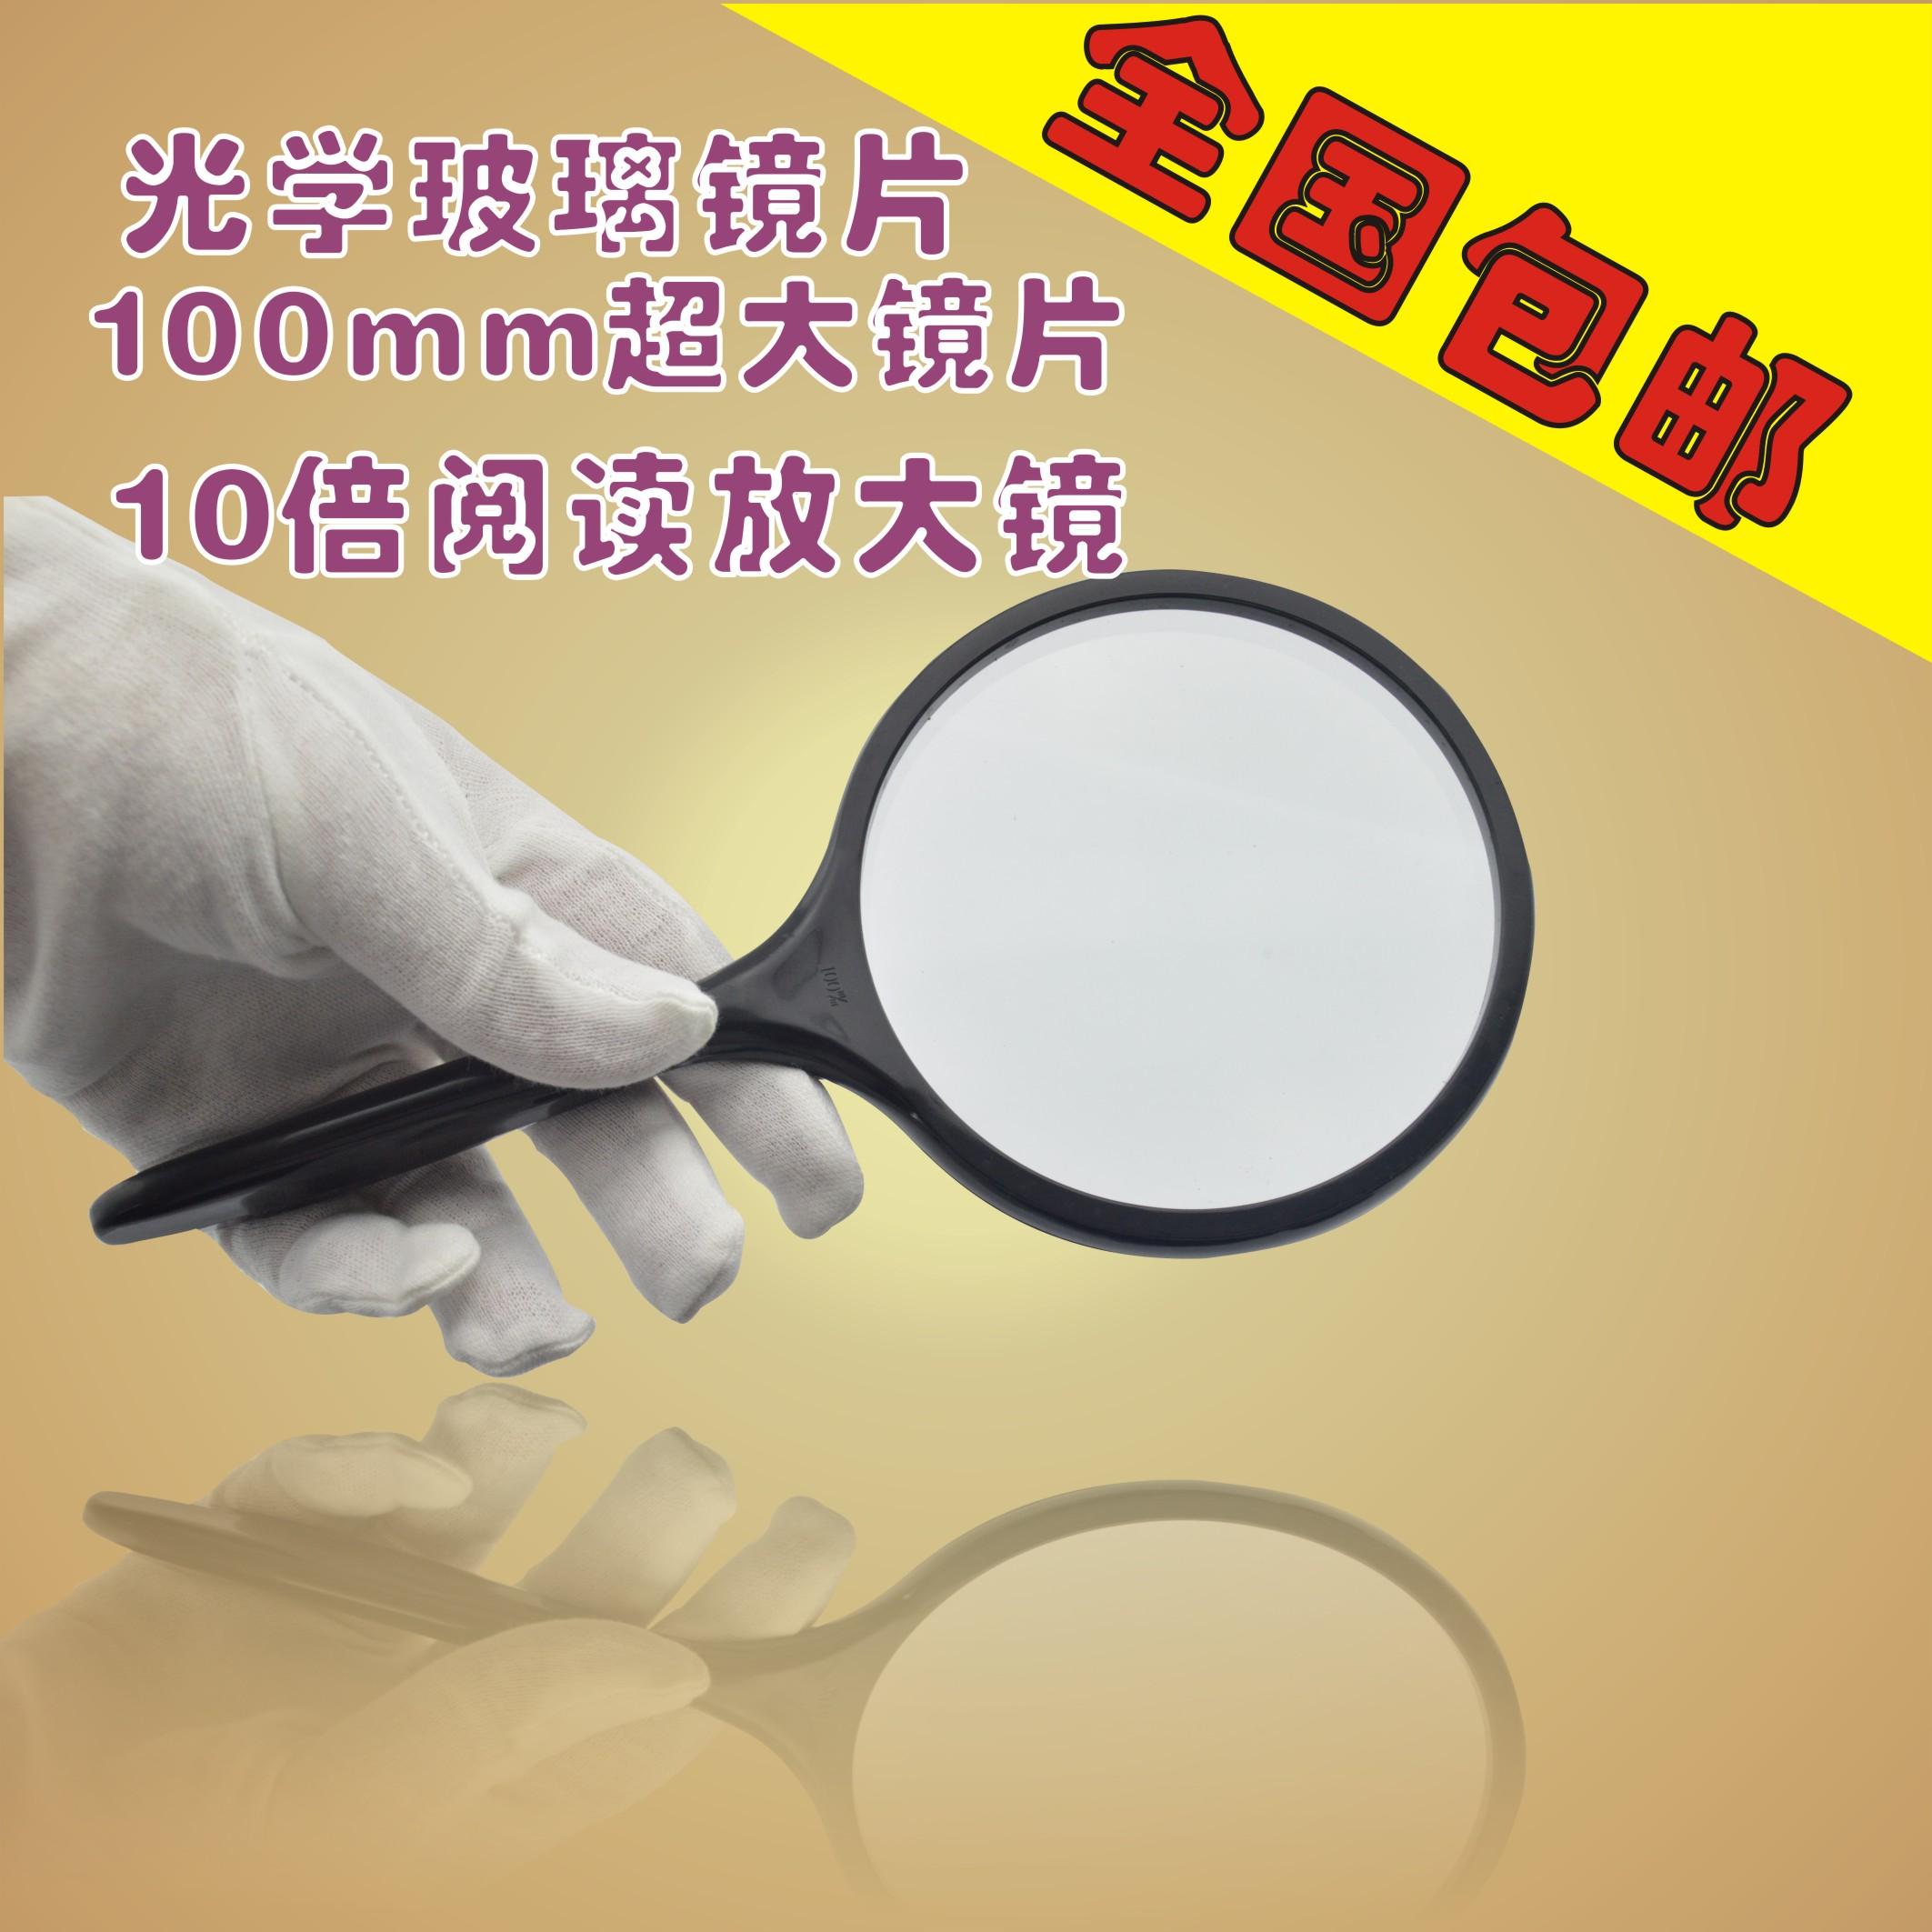 Die post echte handheld - 10 - fache vergrößerung 100mm große linse, Lupe LESEN mehr ältere Menschen